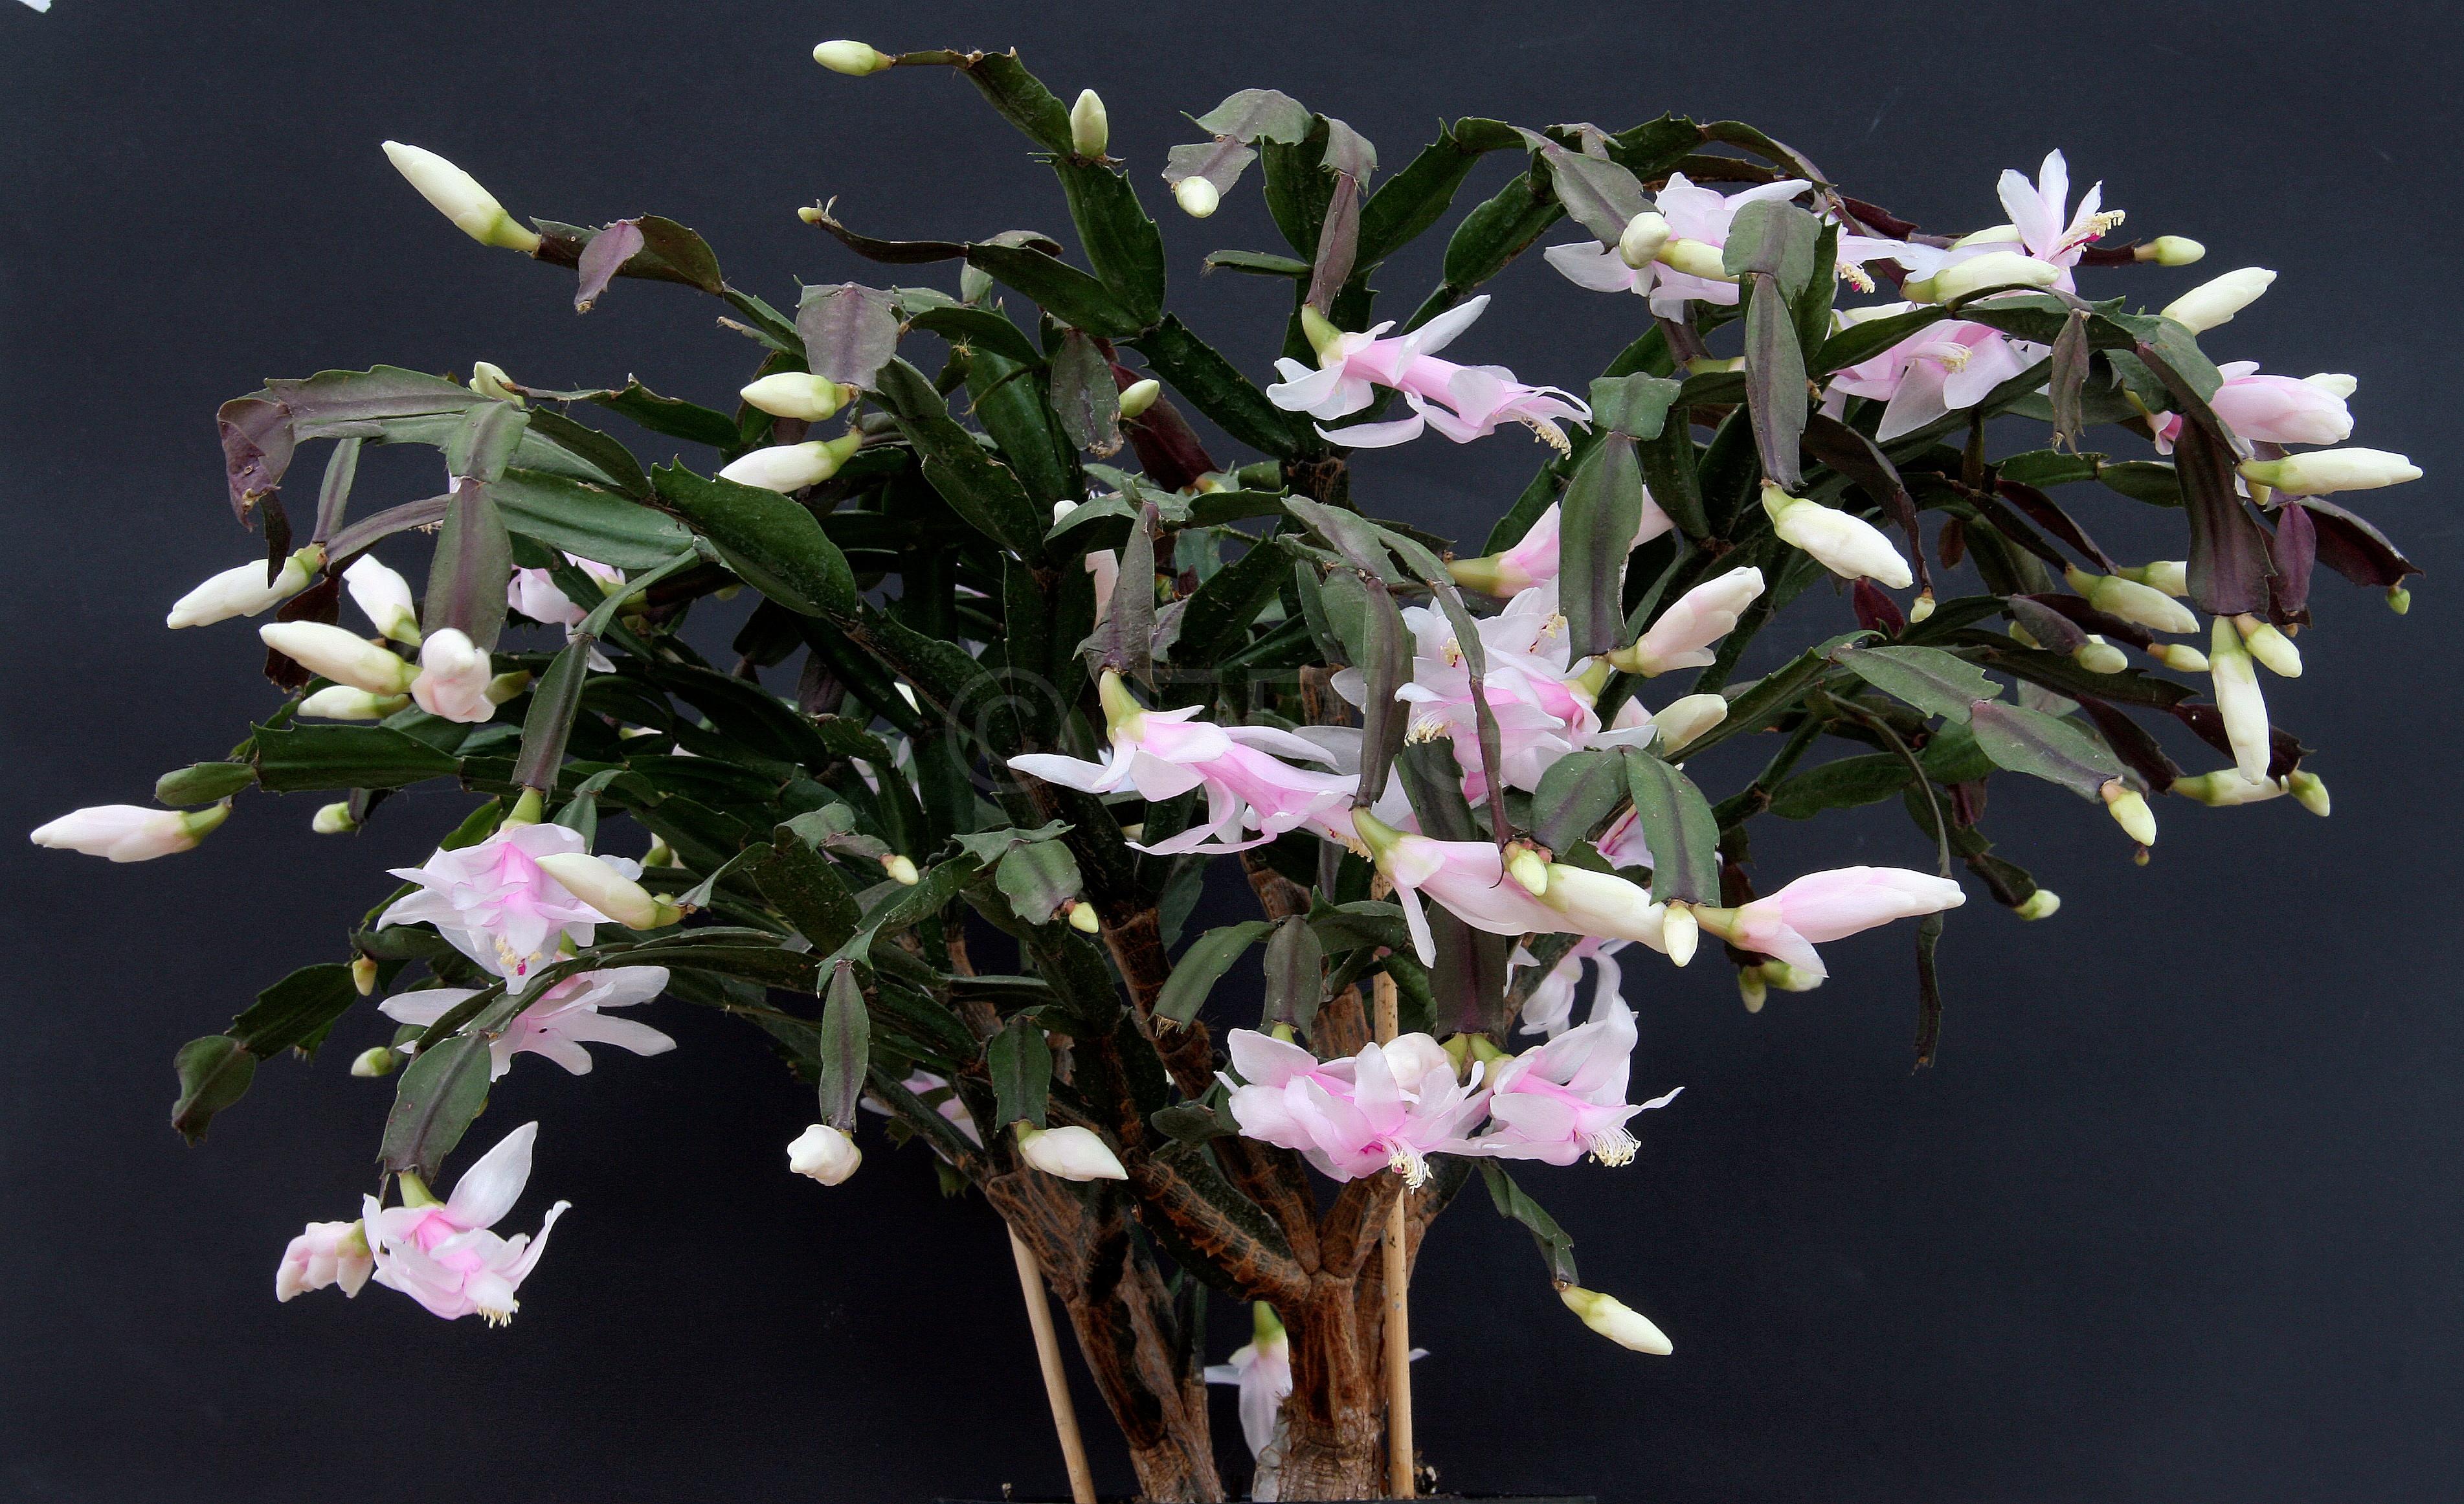 Schlumbergera truncata var. delicata (Foto Jochen Bockemühl)